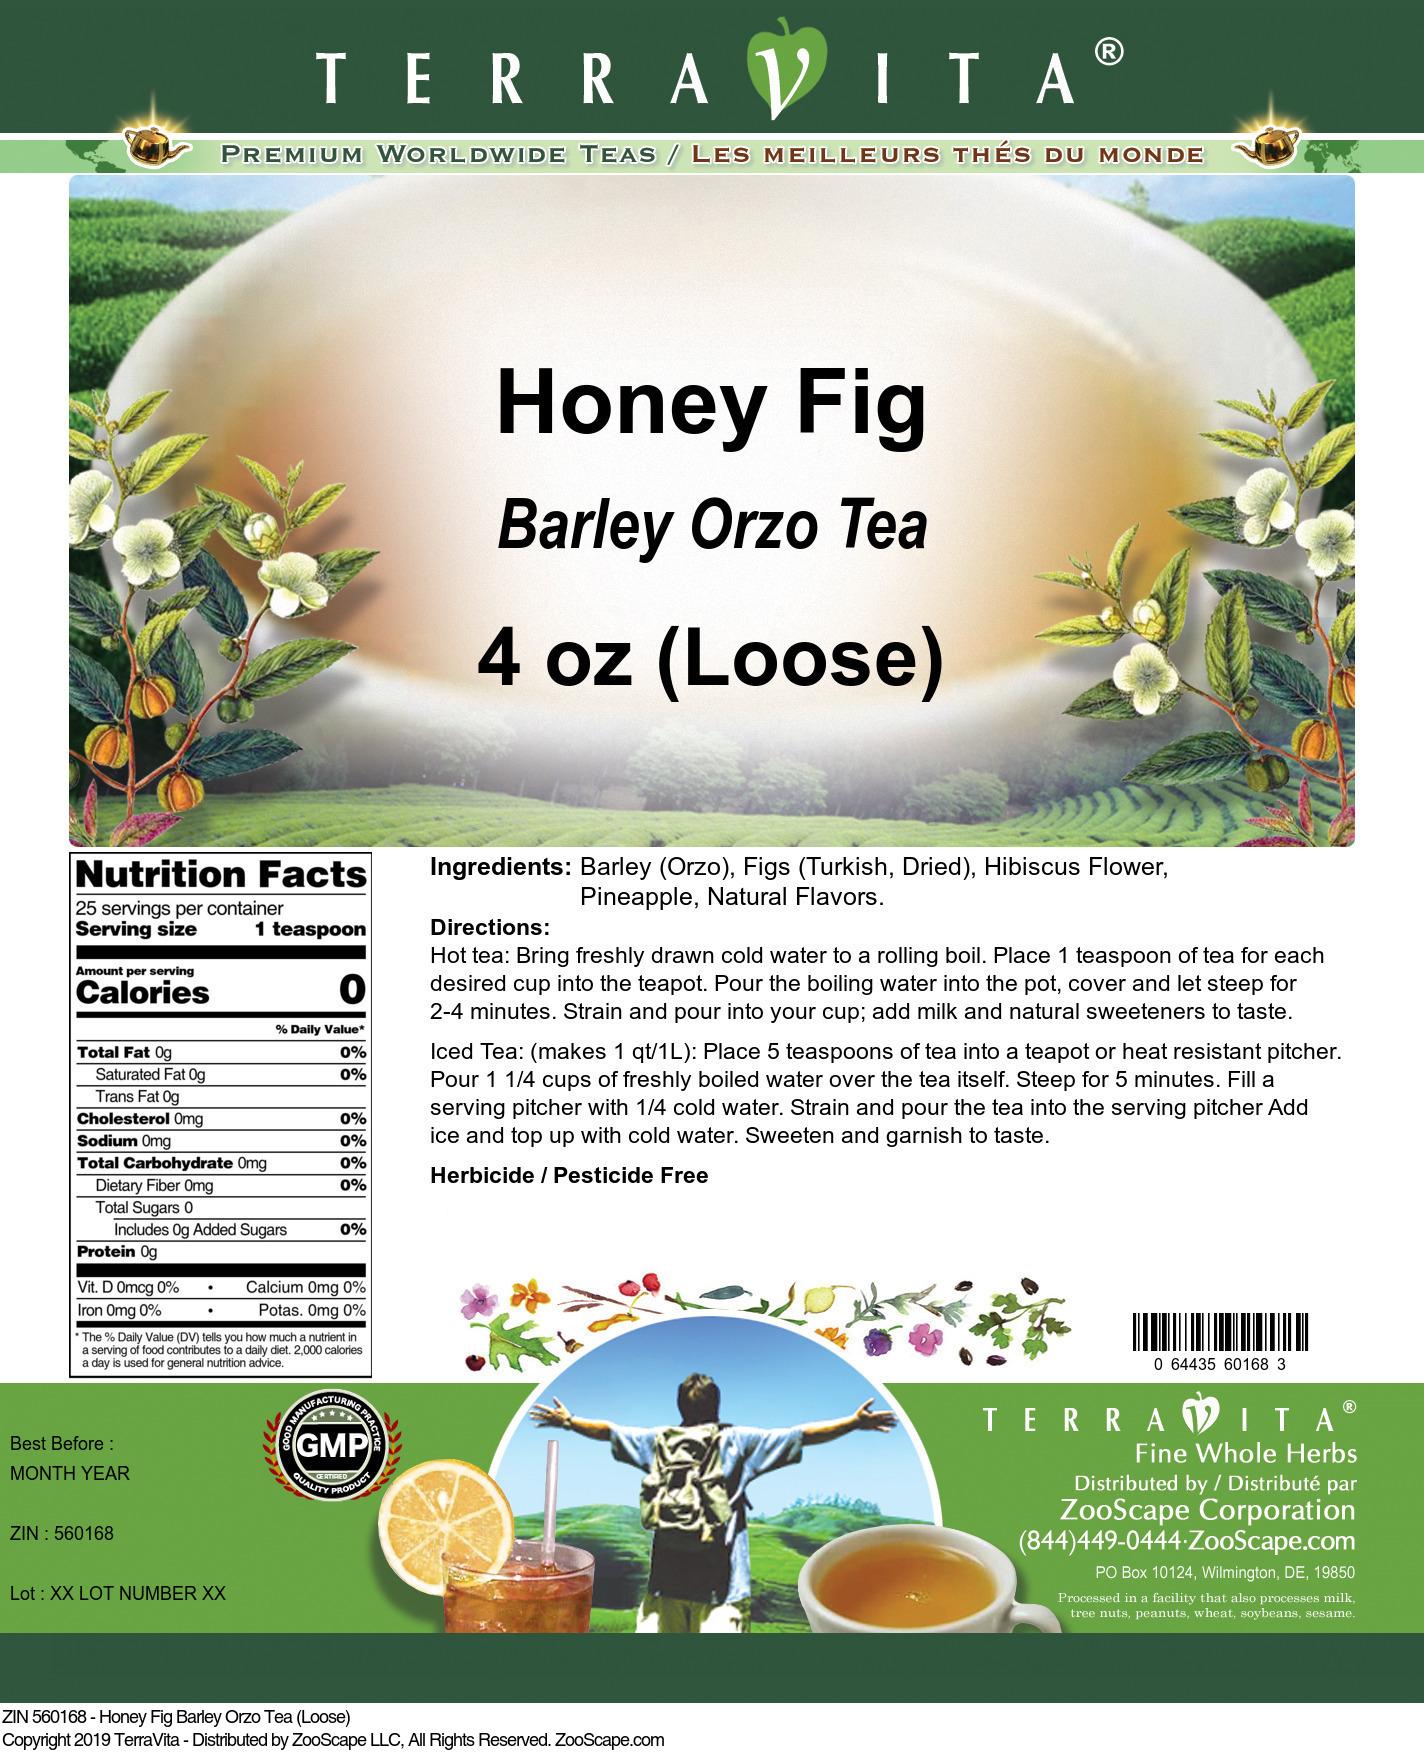 Honey Fig Barley Orzo Tea (Loose)